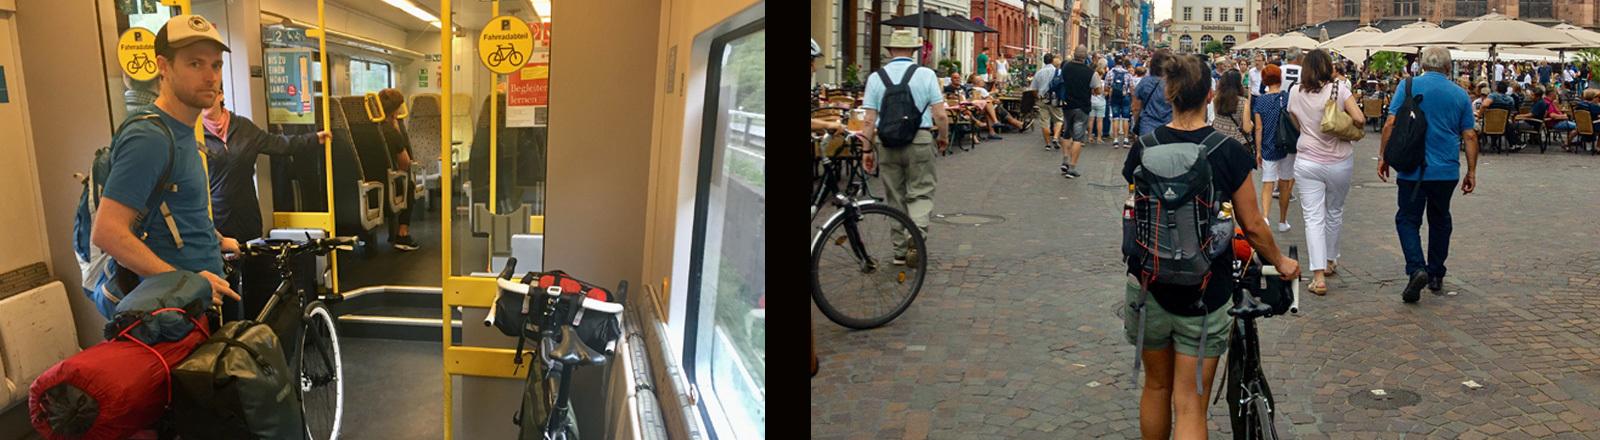 Ein Mann steht in der bahn mit einem Fahrrad - und eine Frau schiebt das Fahrrad durch eine Fußgängerzone.